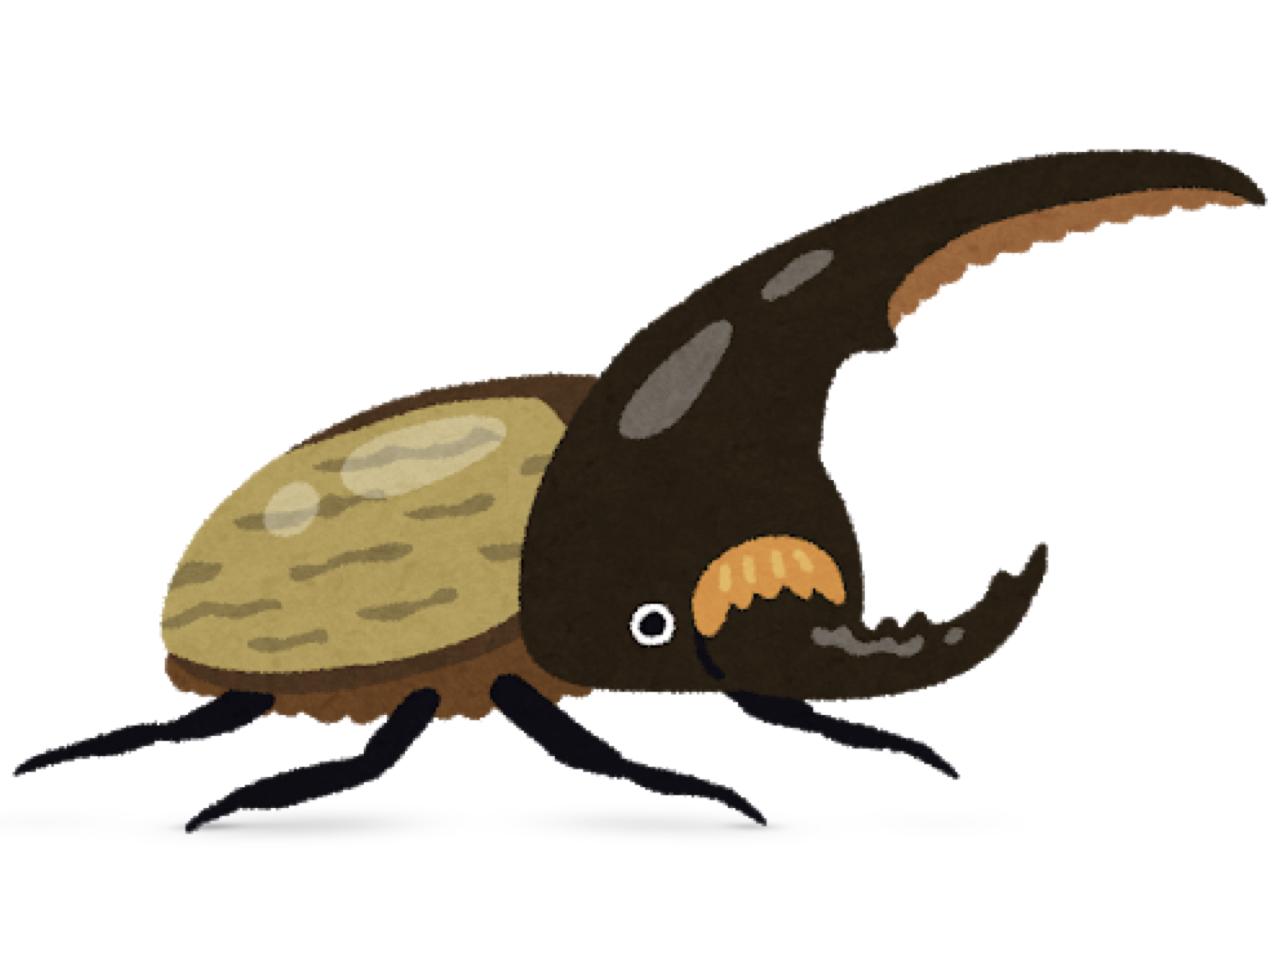 ヘラクレスオオカブト虫の話